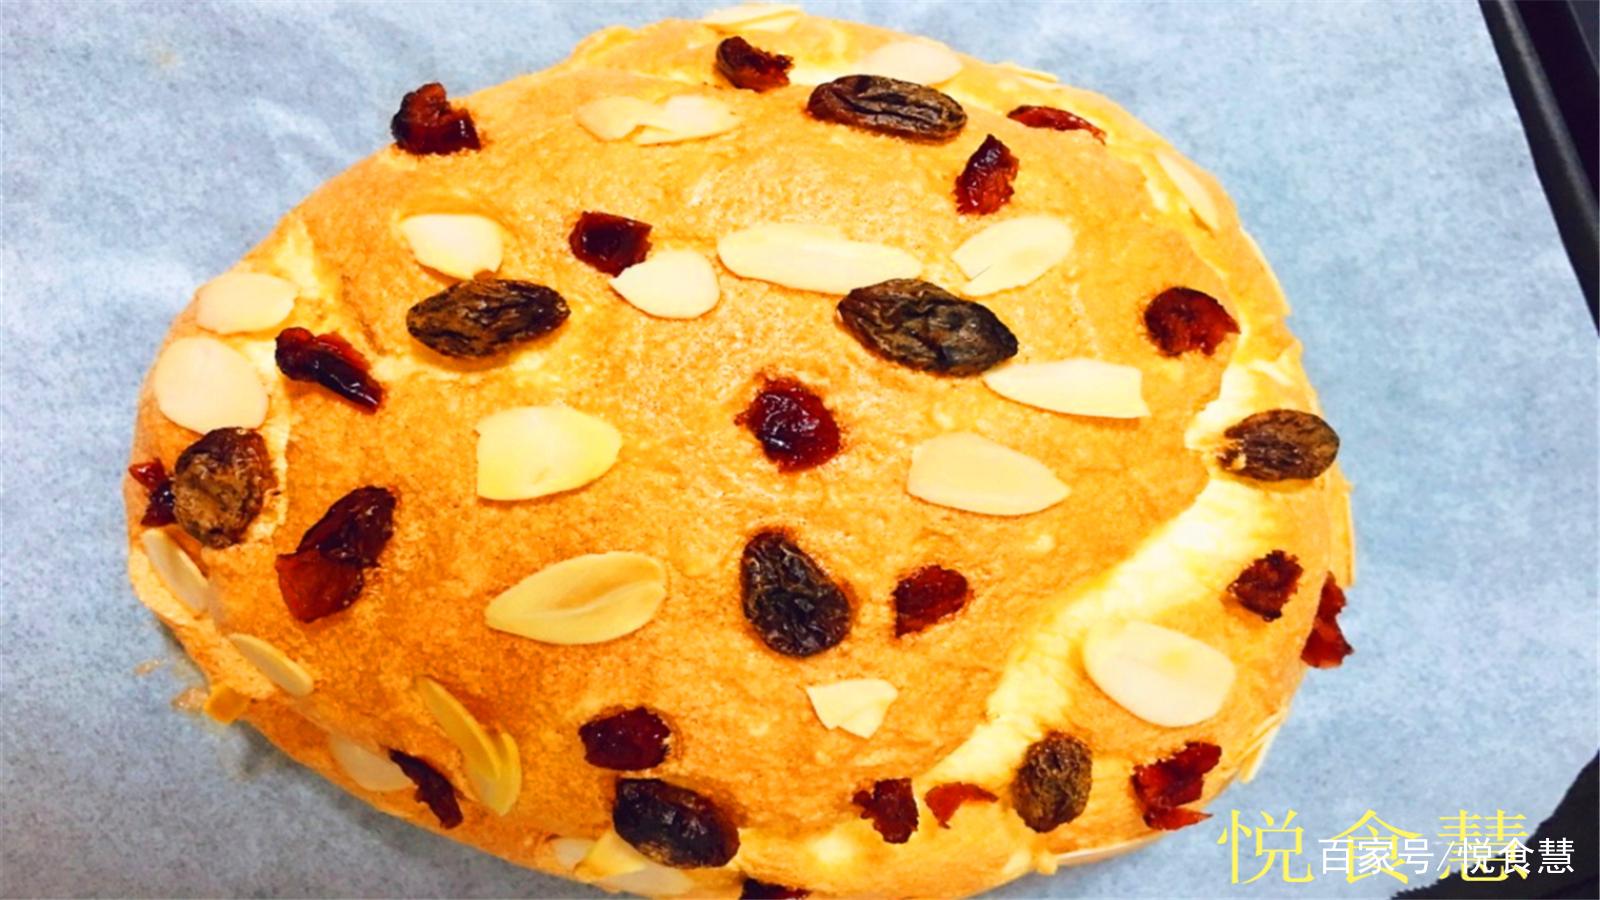 不用面粉和油,一次成功很简单,几招教你在家做网红云朵蛋糕